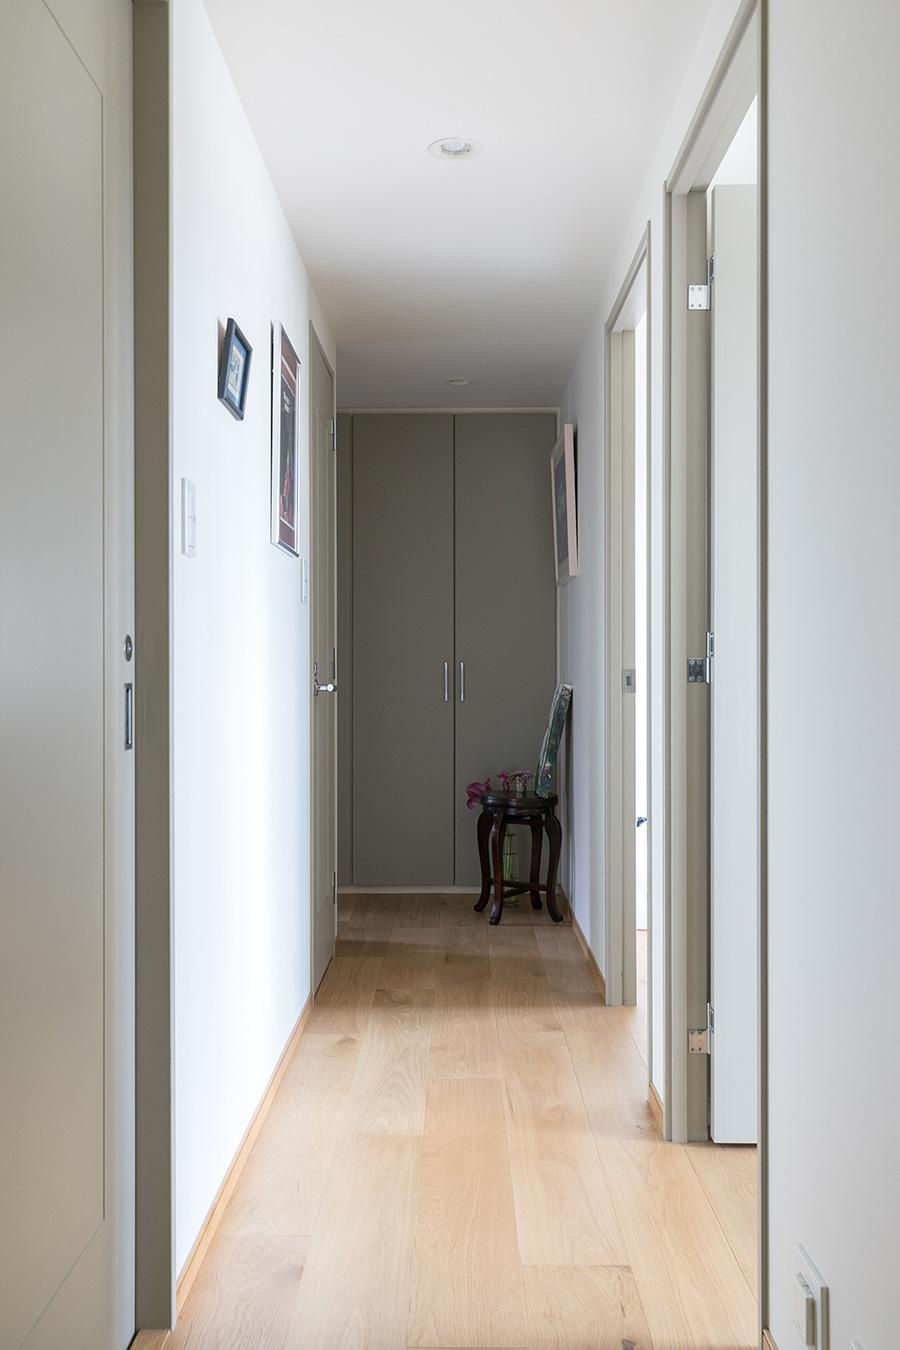 廊下もフローリングの明るい木の色合いと建具のグレーが相まって落ち着きのあるシンプルさ。